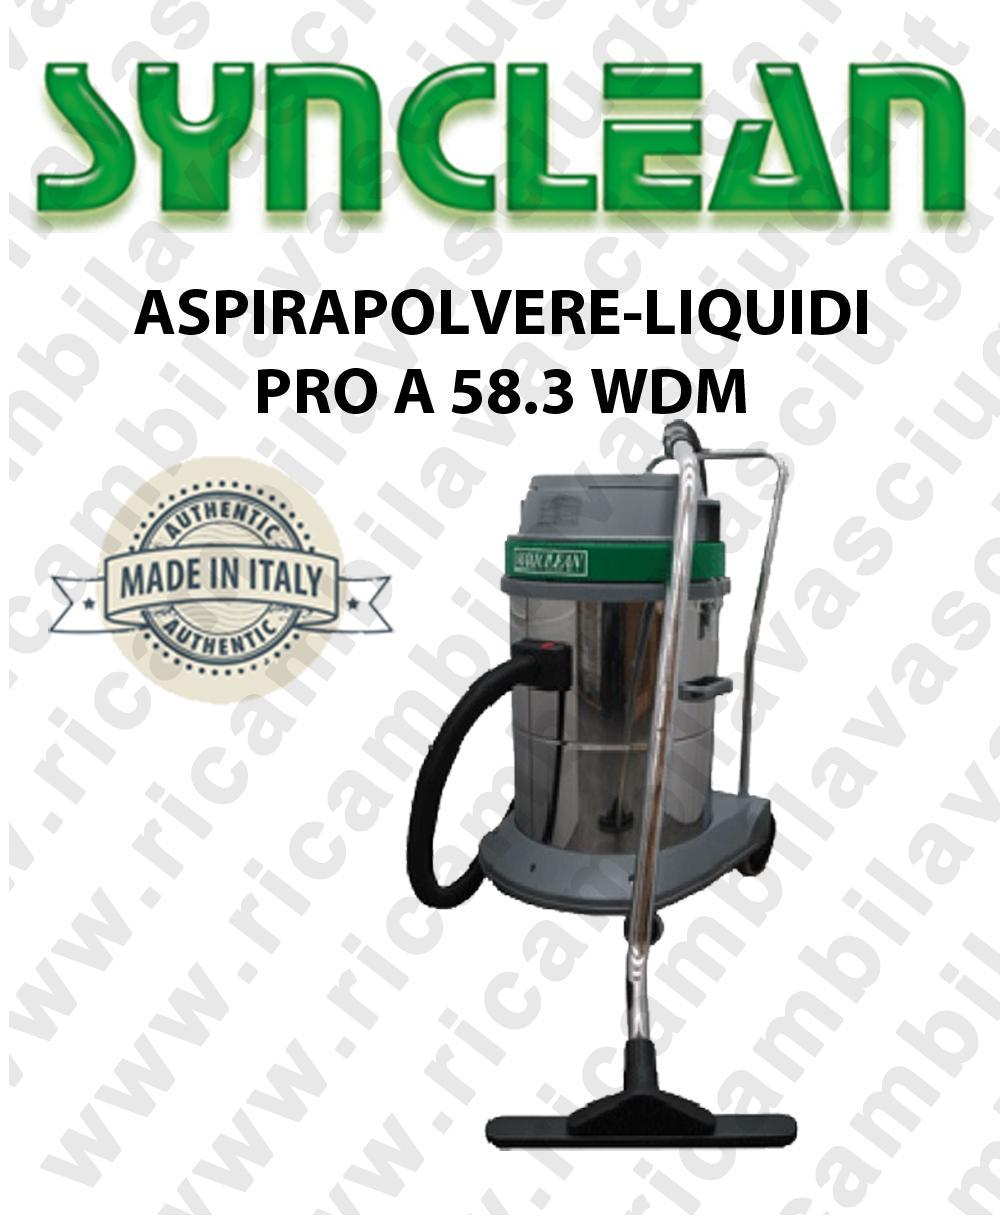 MAXICLEAN PRO A 58.3 WDM aspiradora aspiradora húmeda SYNCLEAN